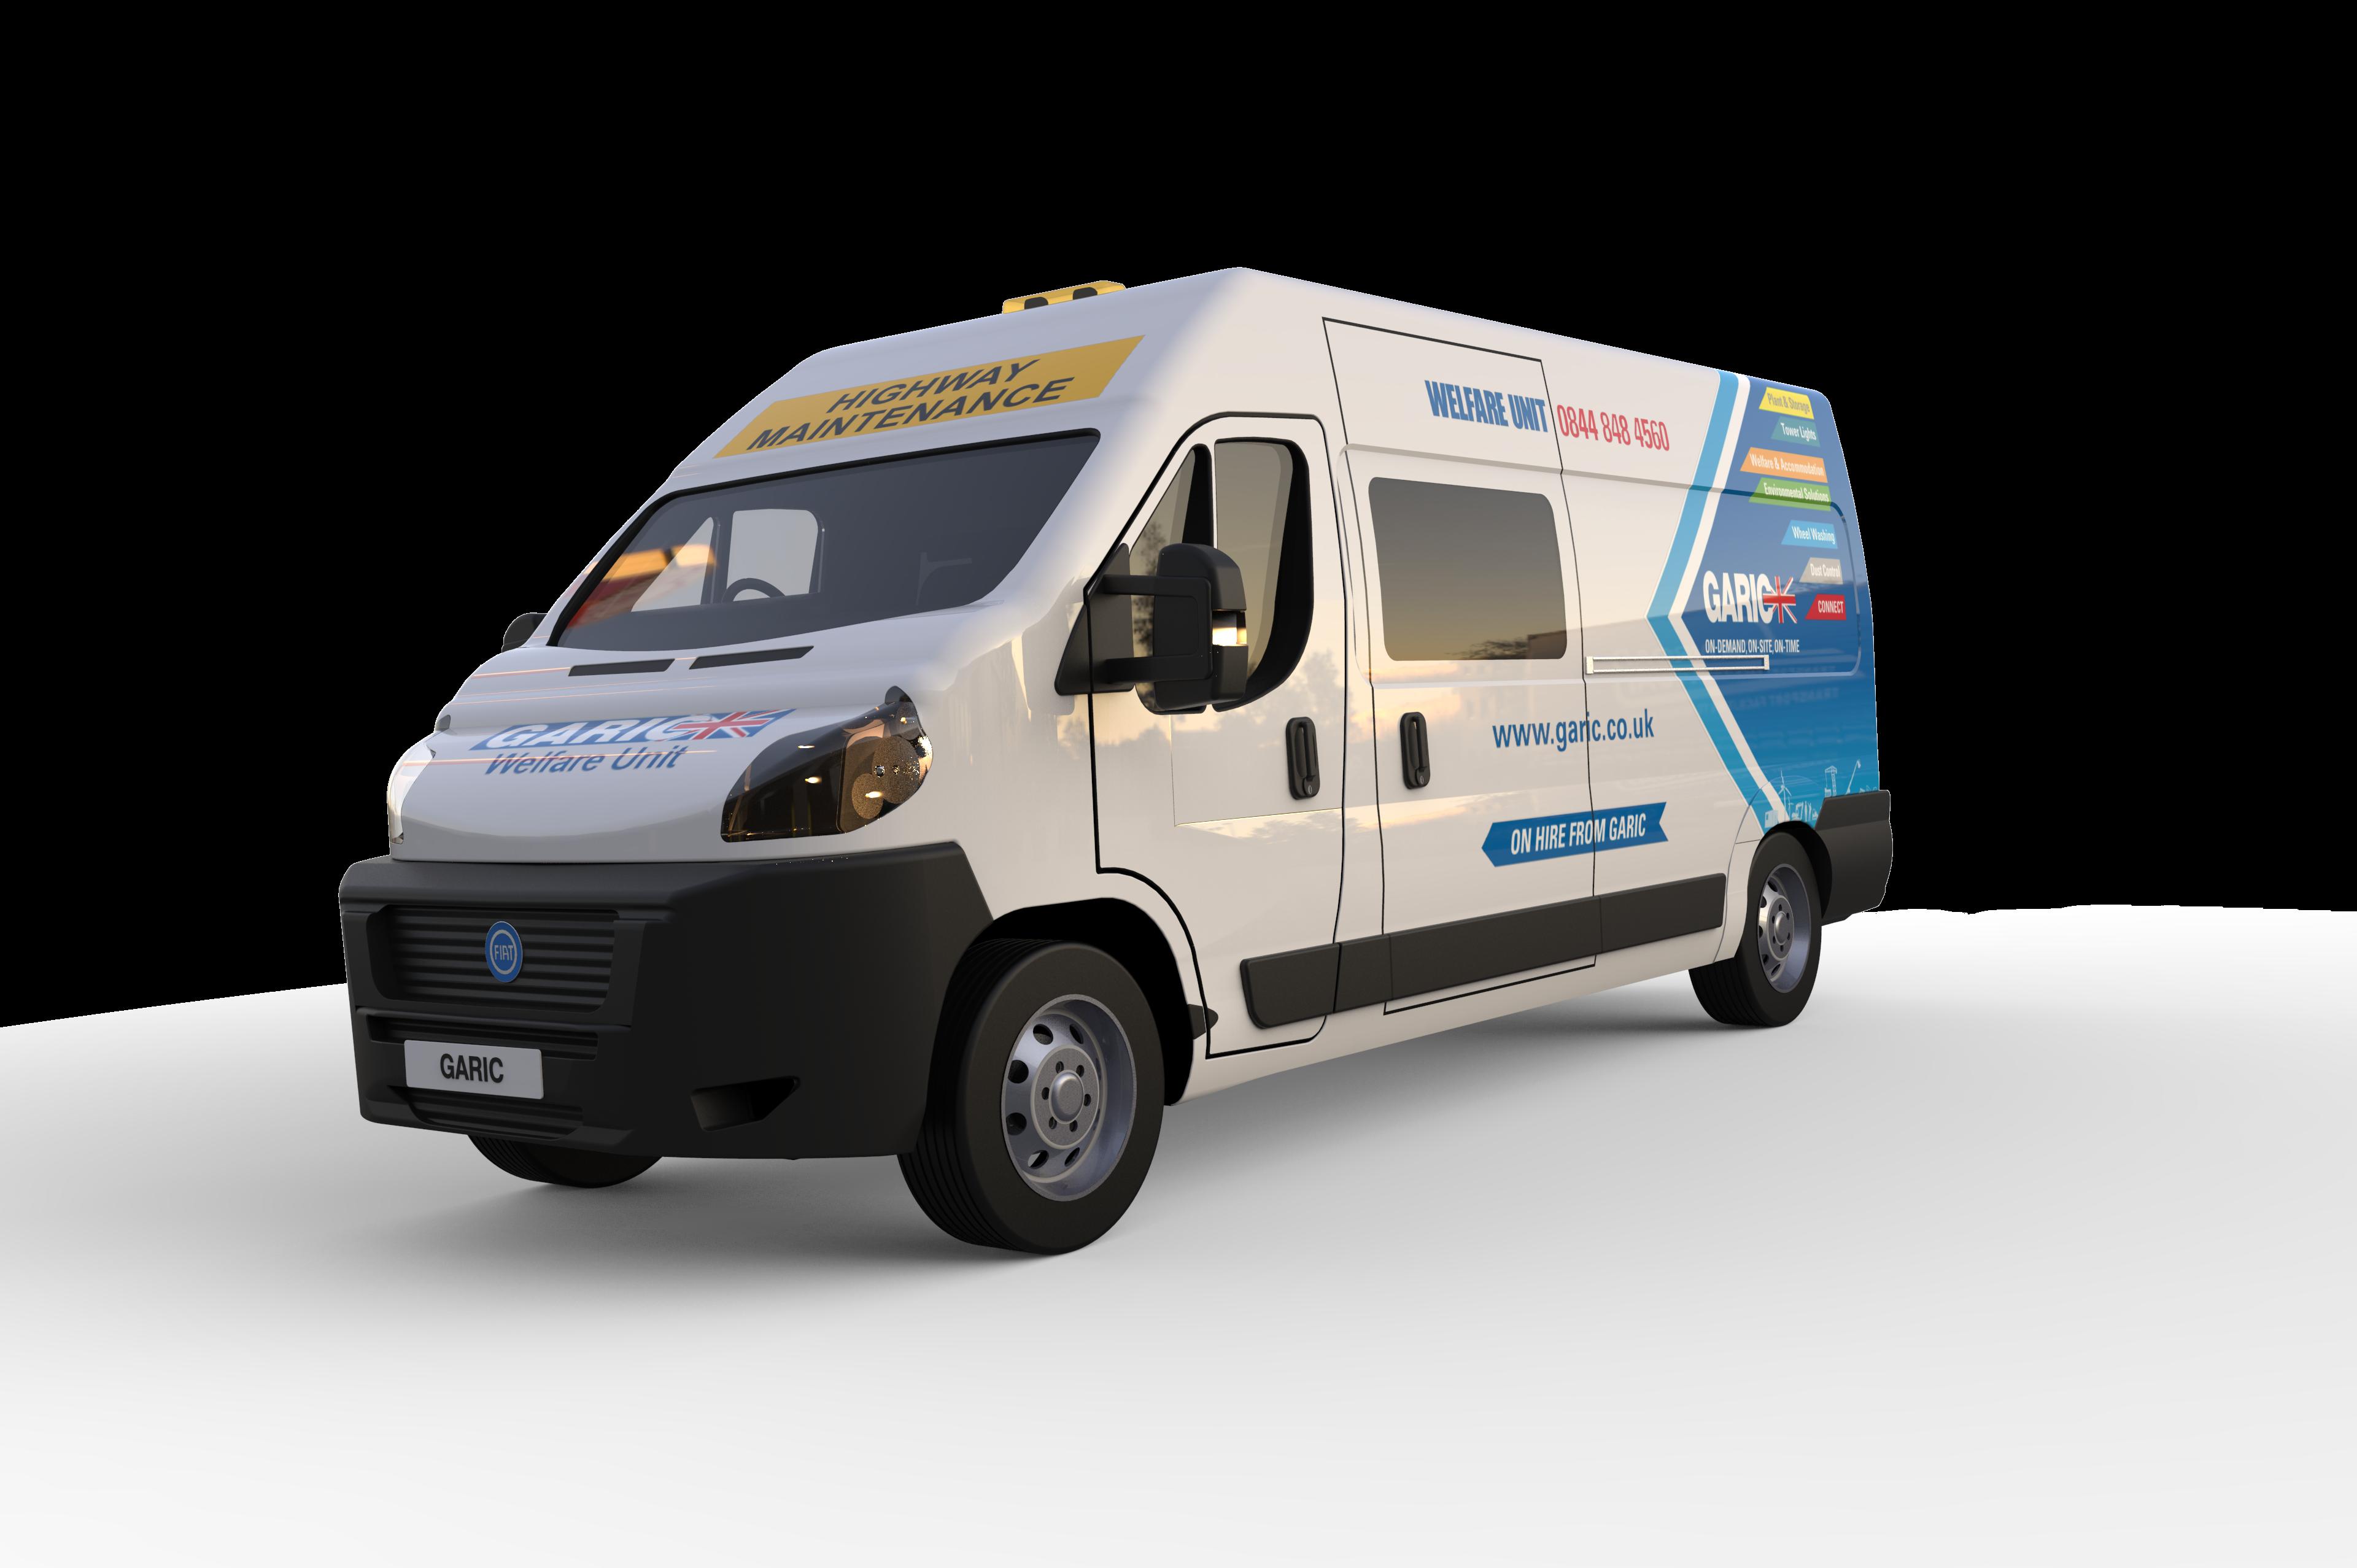 Welfare Van-0